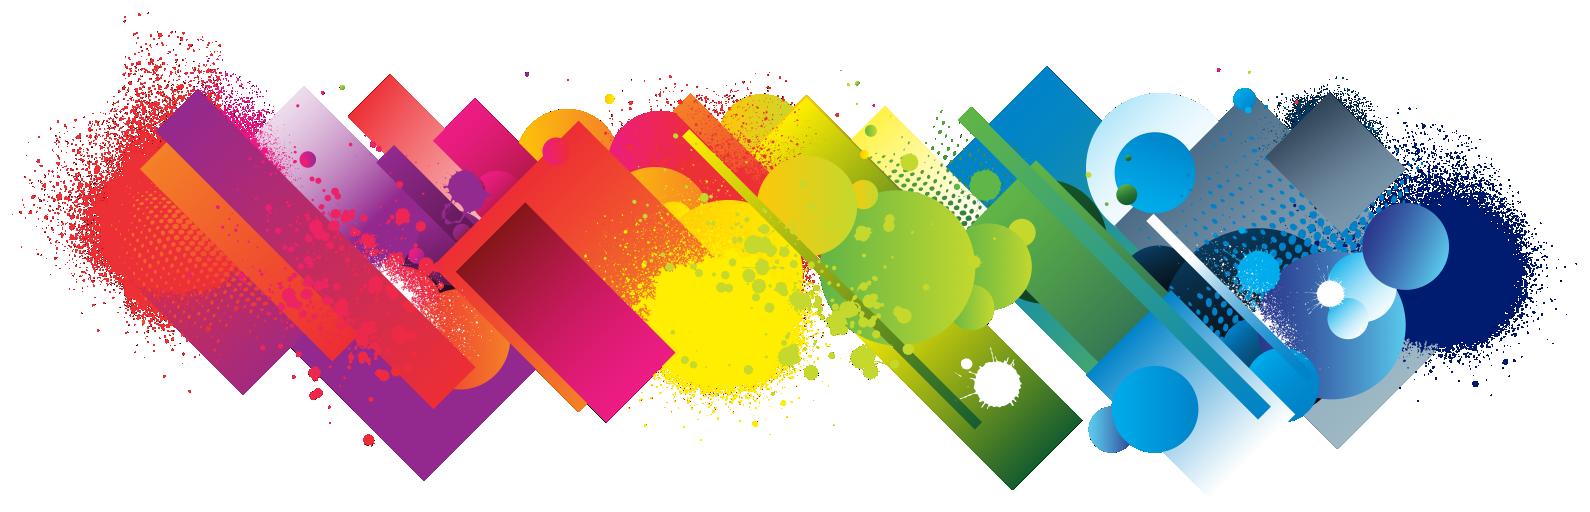 עיצוב גרפי צבעוני